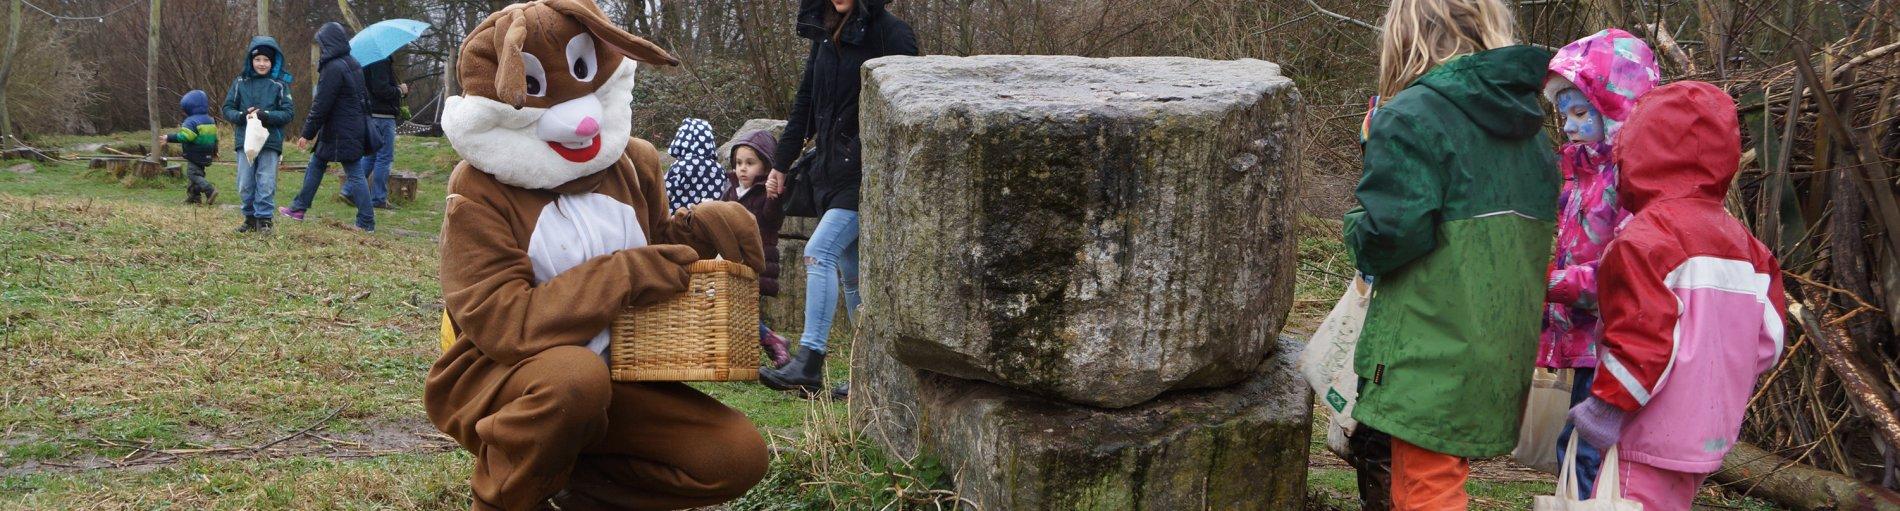 Ein Mann in einem Osterhasenkostüm unterstützt zwei Kinder bei der Suchaktion.